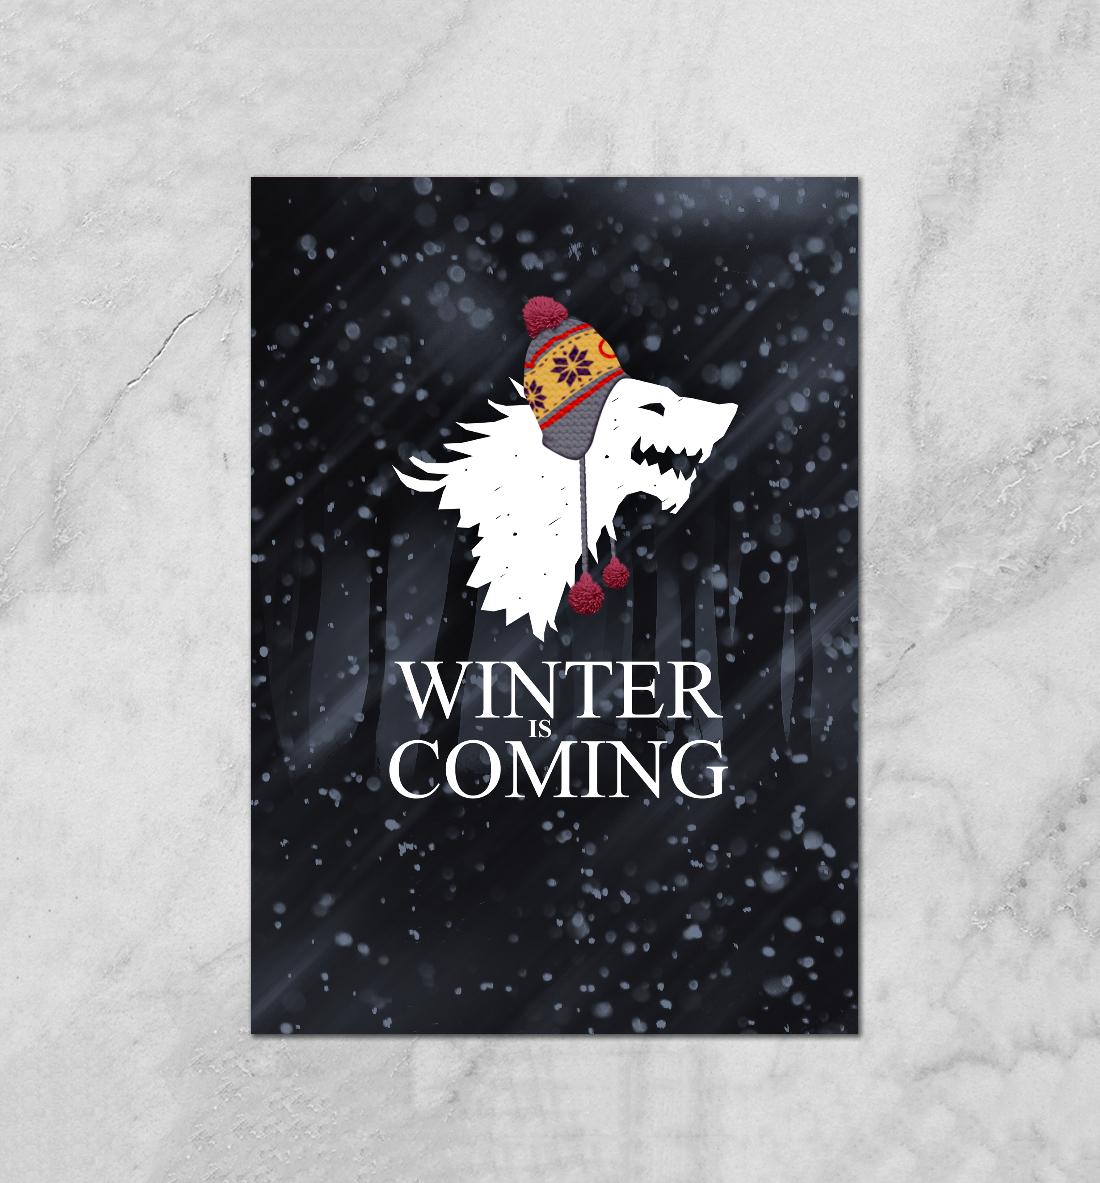 Купить Зима близко, Printbar, Плакаты, IGR-496837-plk